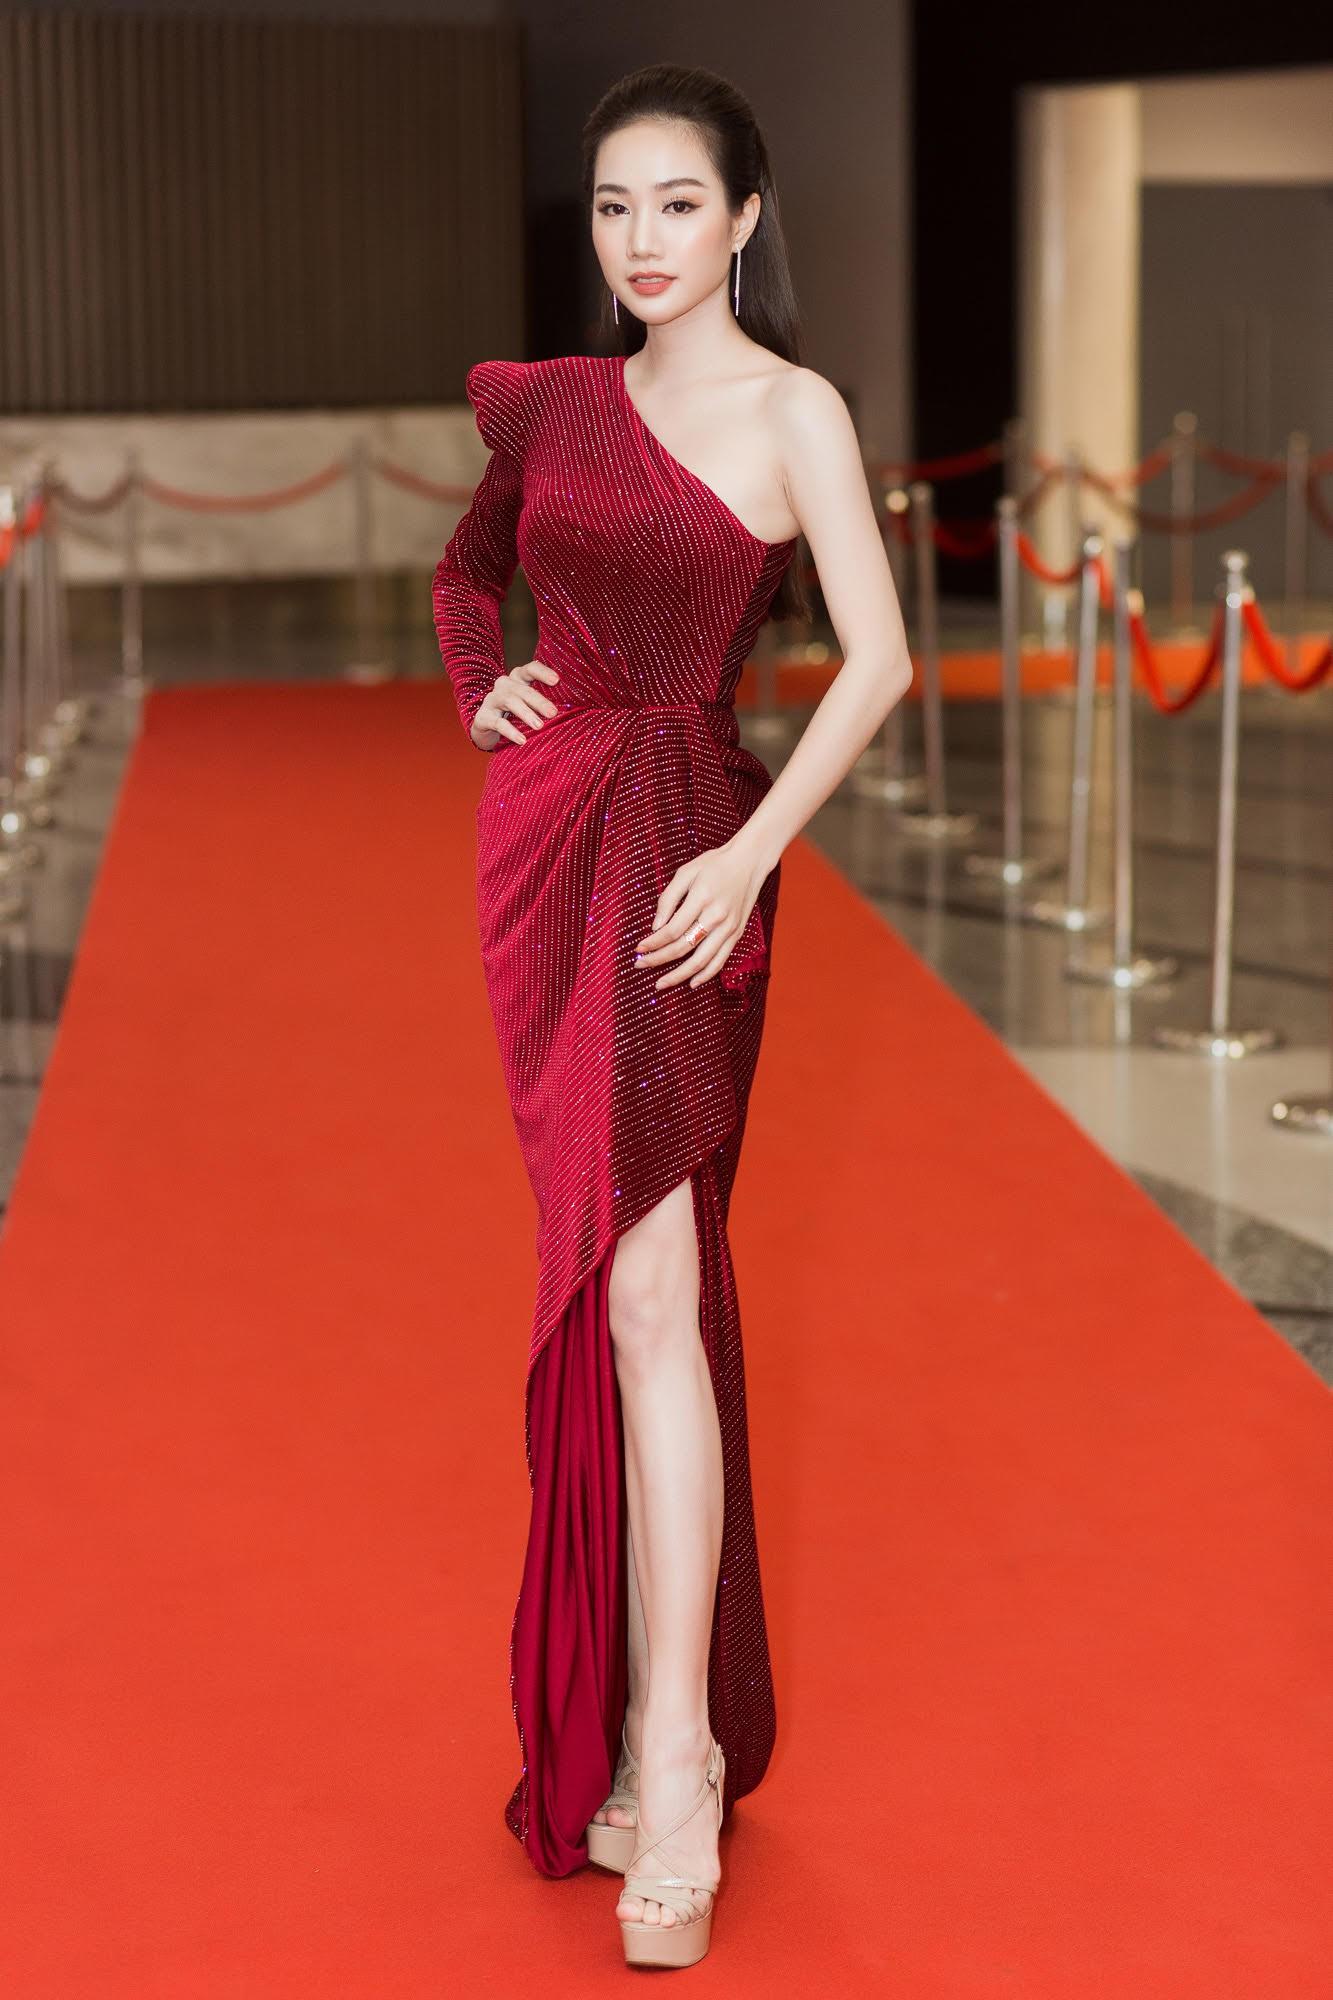 Màn đọ sắc cực gắt của dàn Hoa hậu đình đám nhất Vbiz trên thảm đỏ WeChoice: Sang chảnh và đỉnh cao là đây! - Ảnh 24.